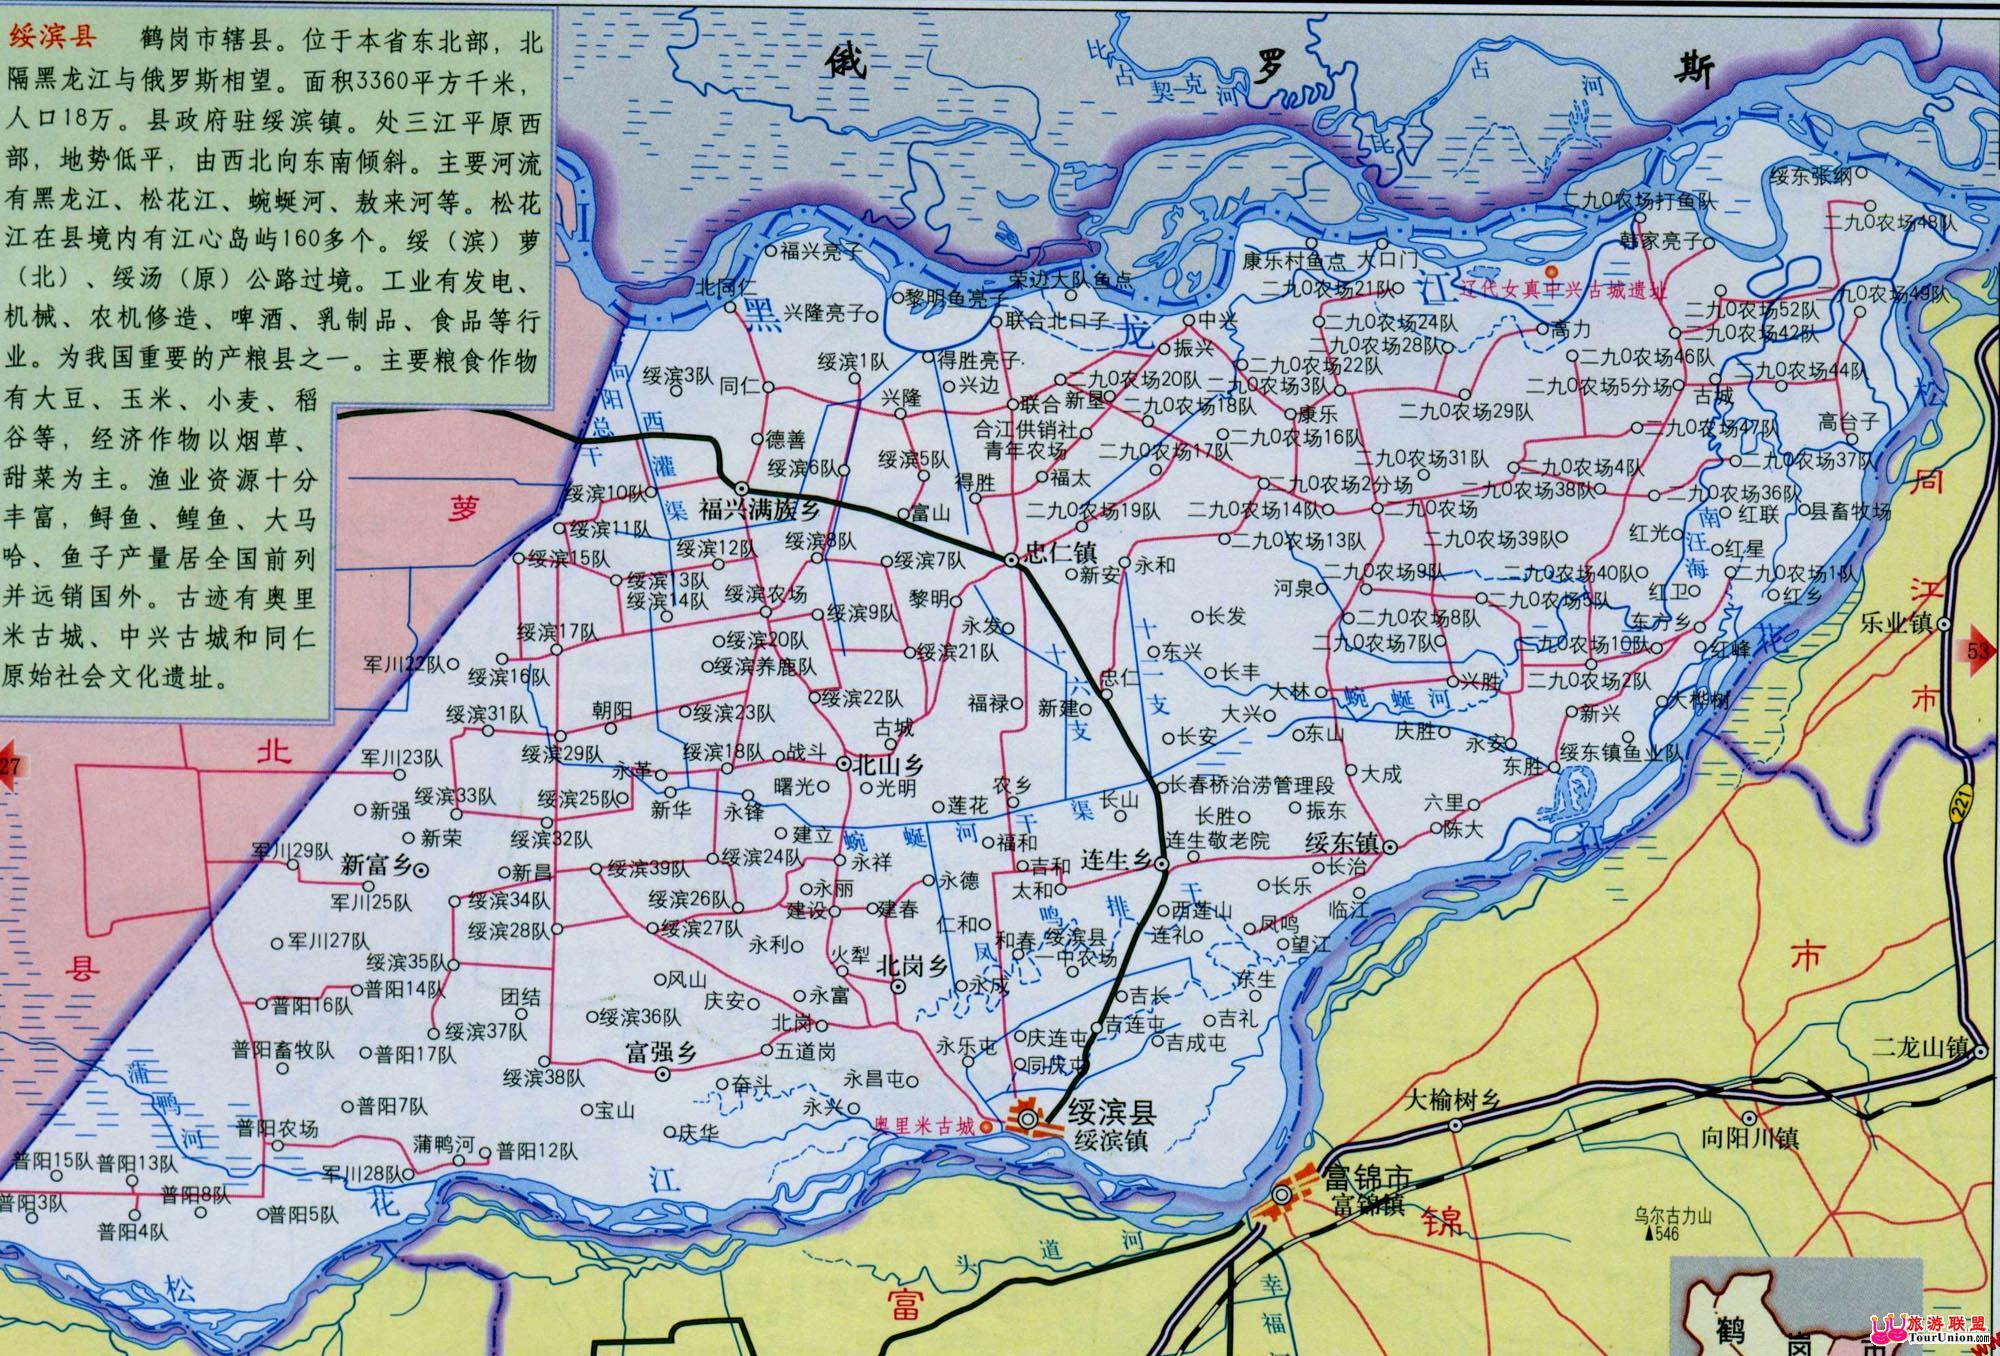 绥滨天气预报 绥滨一周天气预报,绥滨天气预告,绥滨最新天气预报,